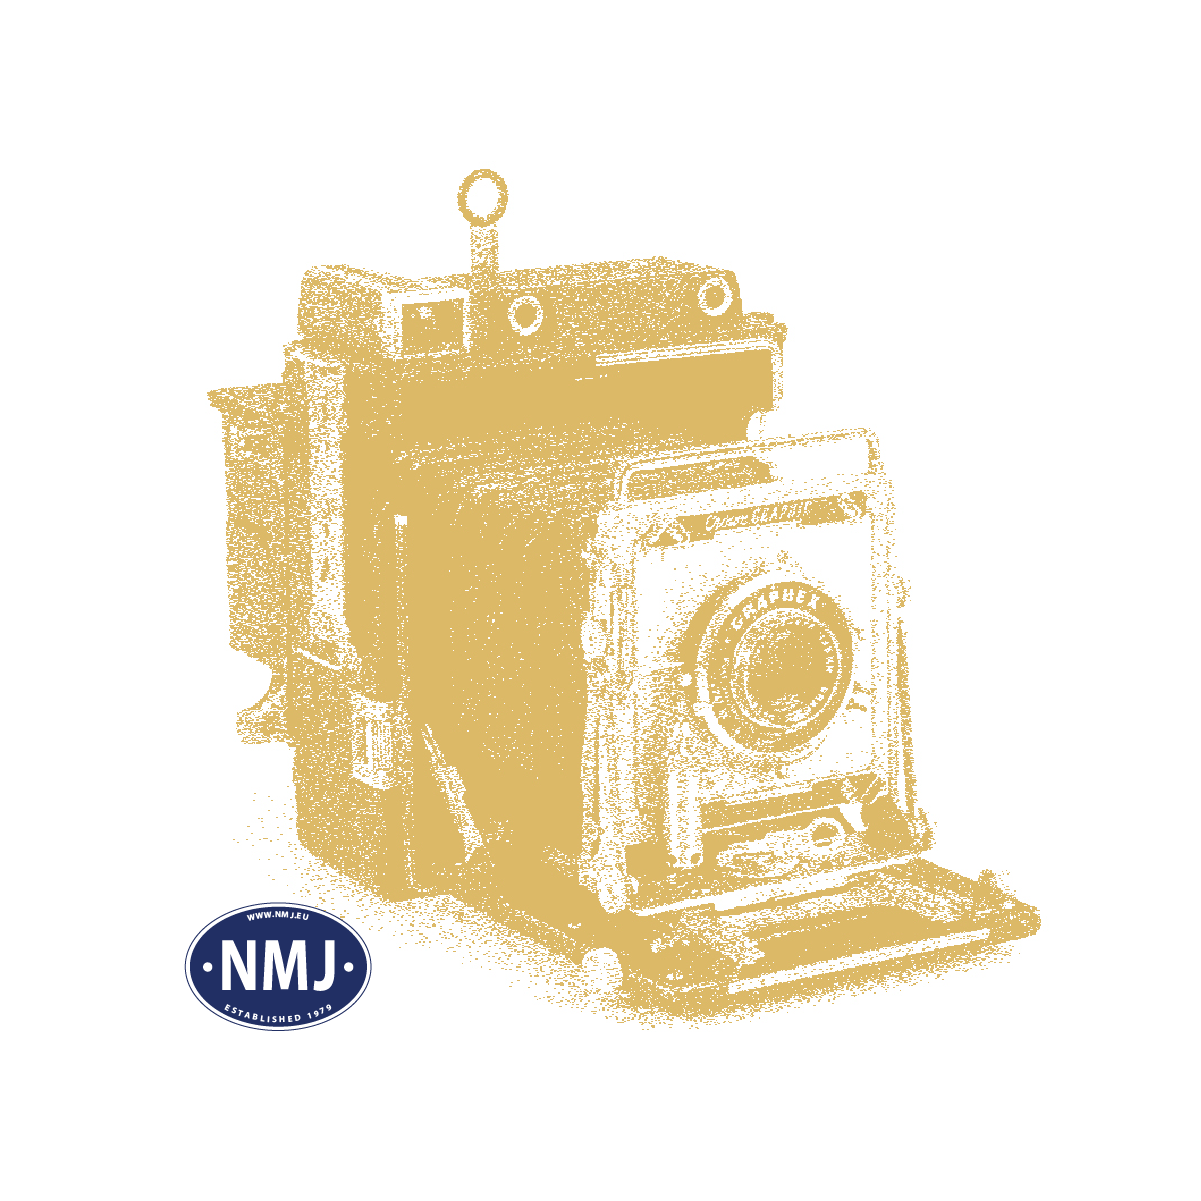 NMJS L4 50351 - NMJ Superline NSB L4 50351, m/ Bremseplattform